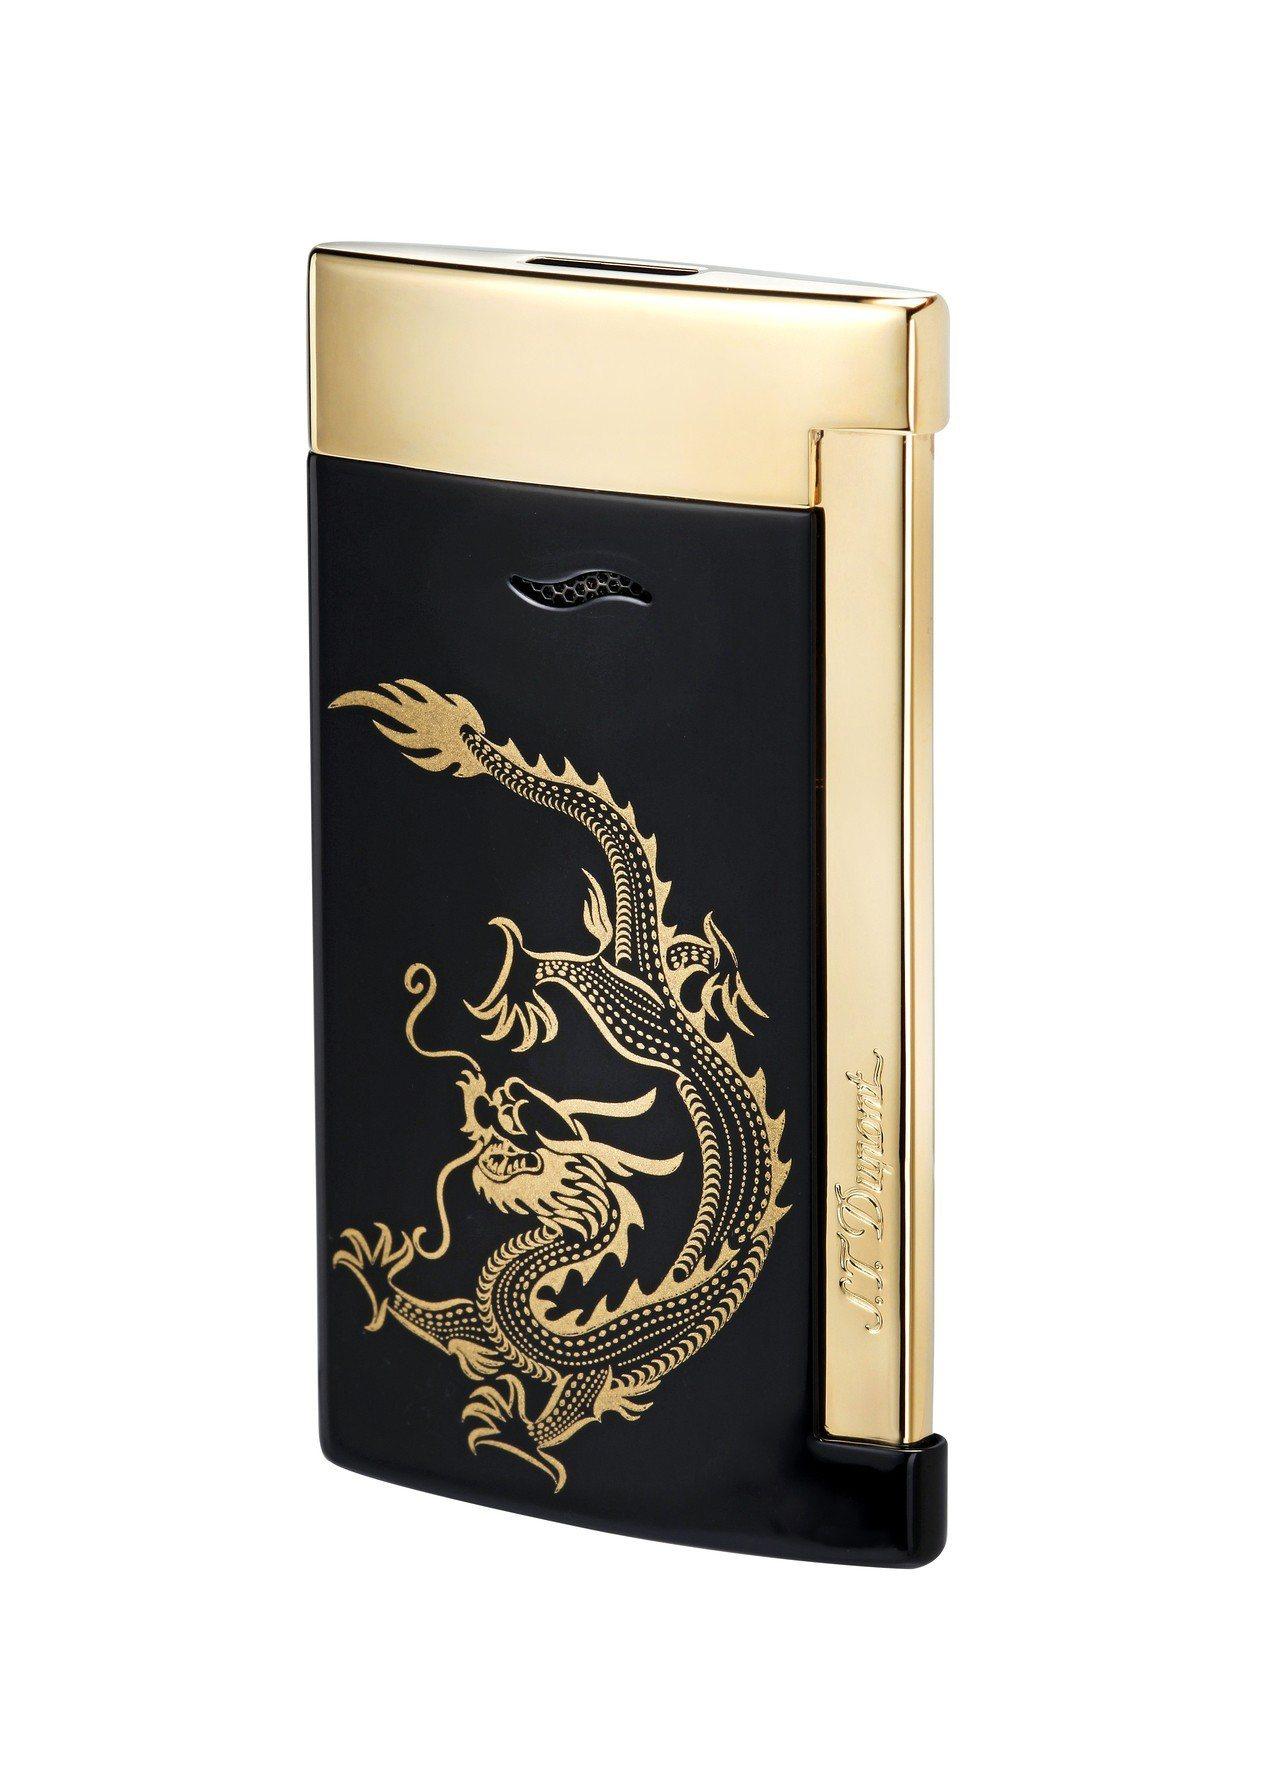 Dupont台北新光三越百貨A9館獨家商品SLIM 7系列打火機-龍,6,980...